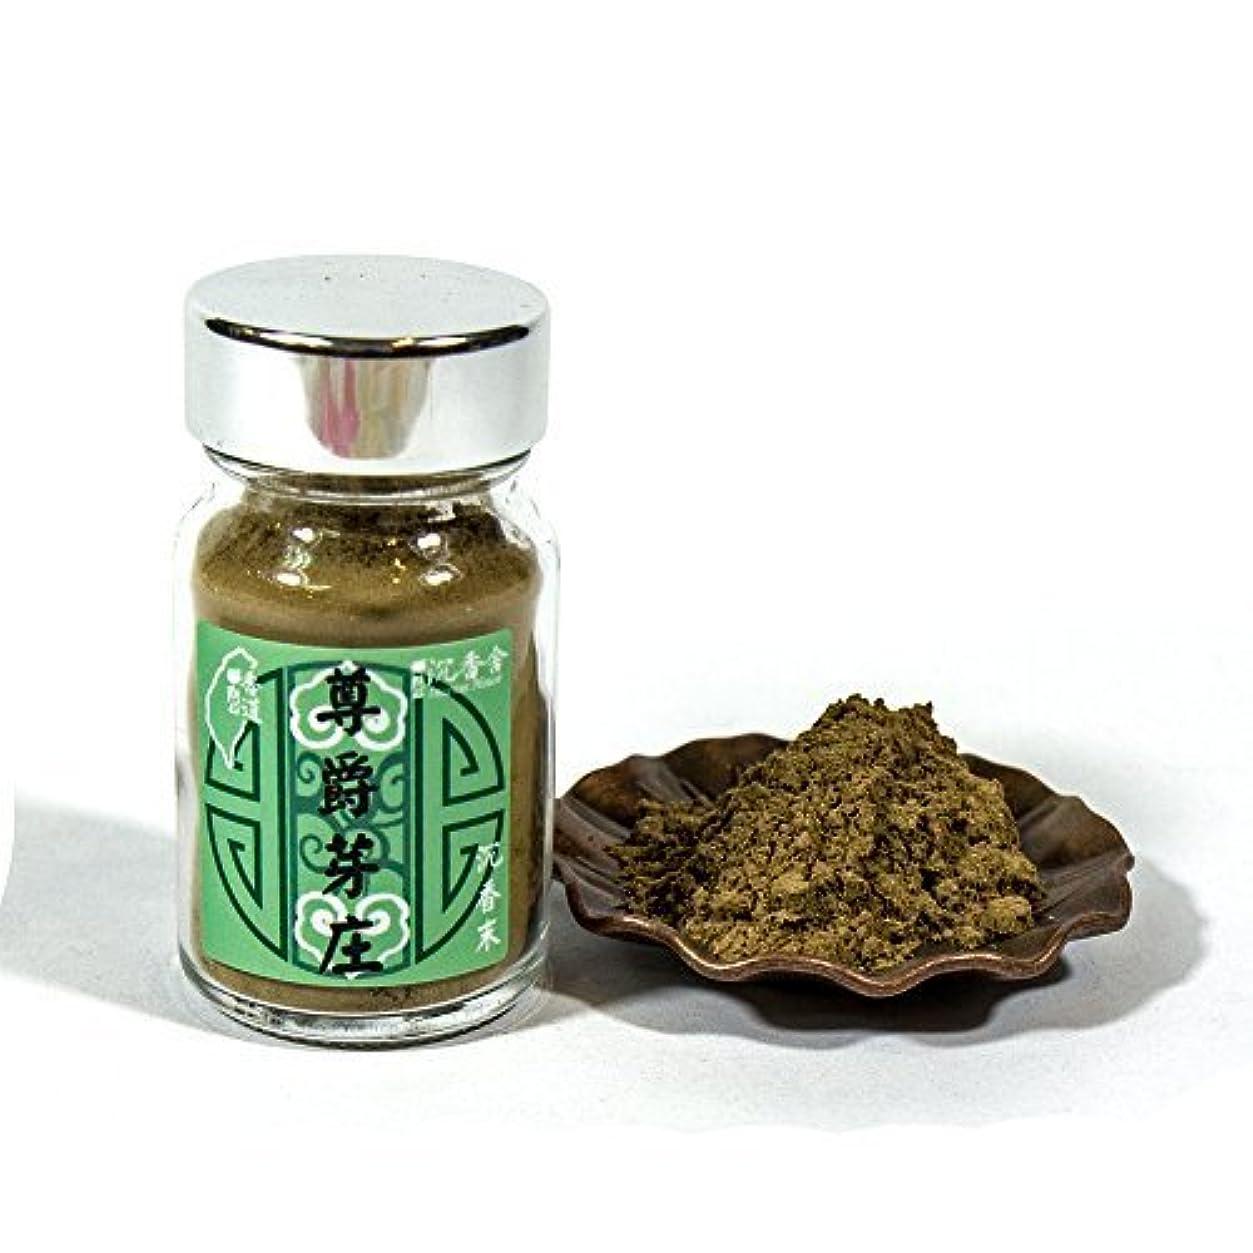 記念碑的なスムーズに電化するAgarwood Aloeswood Top Grade Old Stock NhaTrang Chen Xiang Incense Powder 10g by IncenseHouse - Raw Material [...